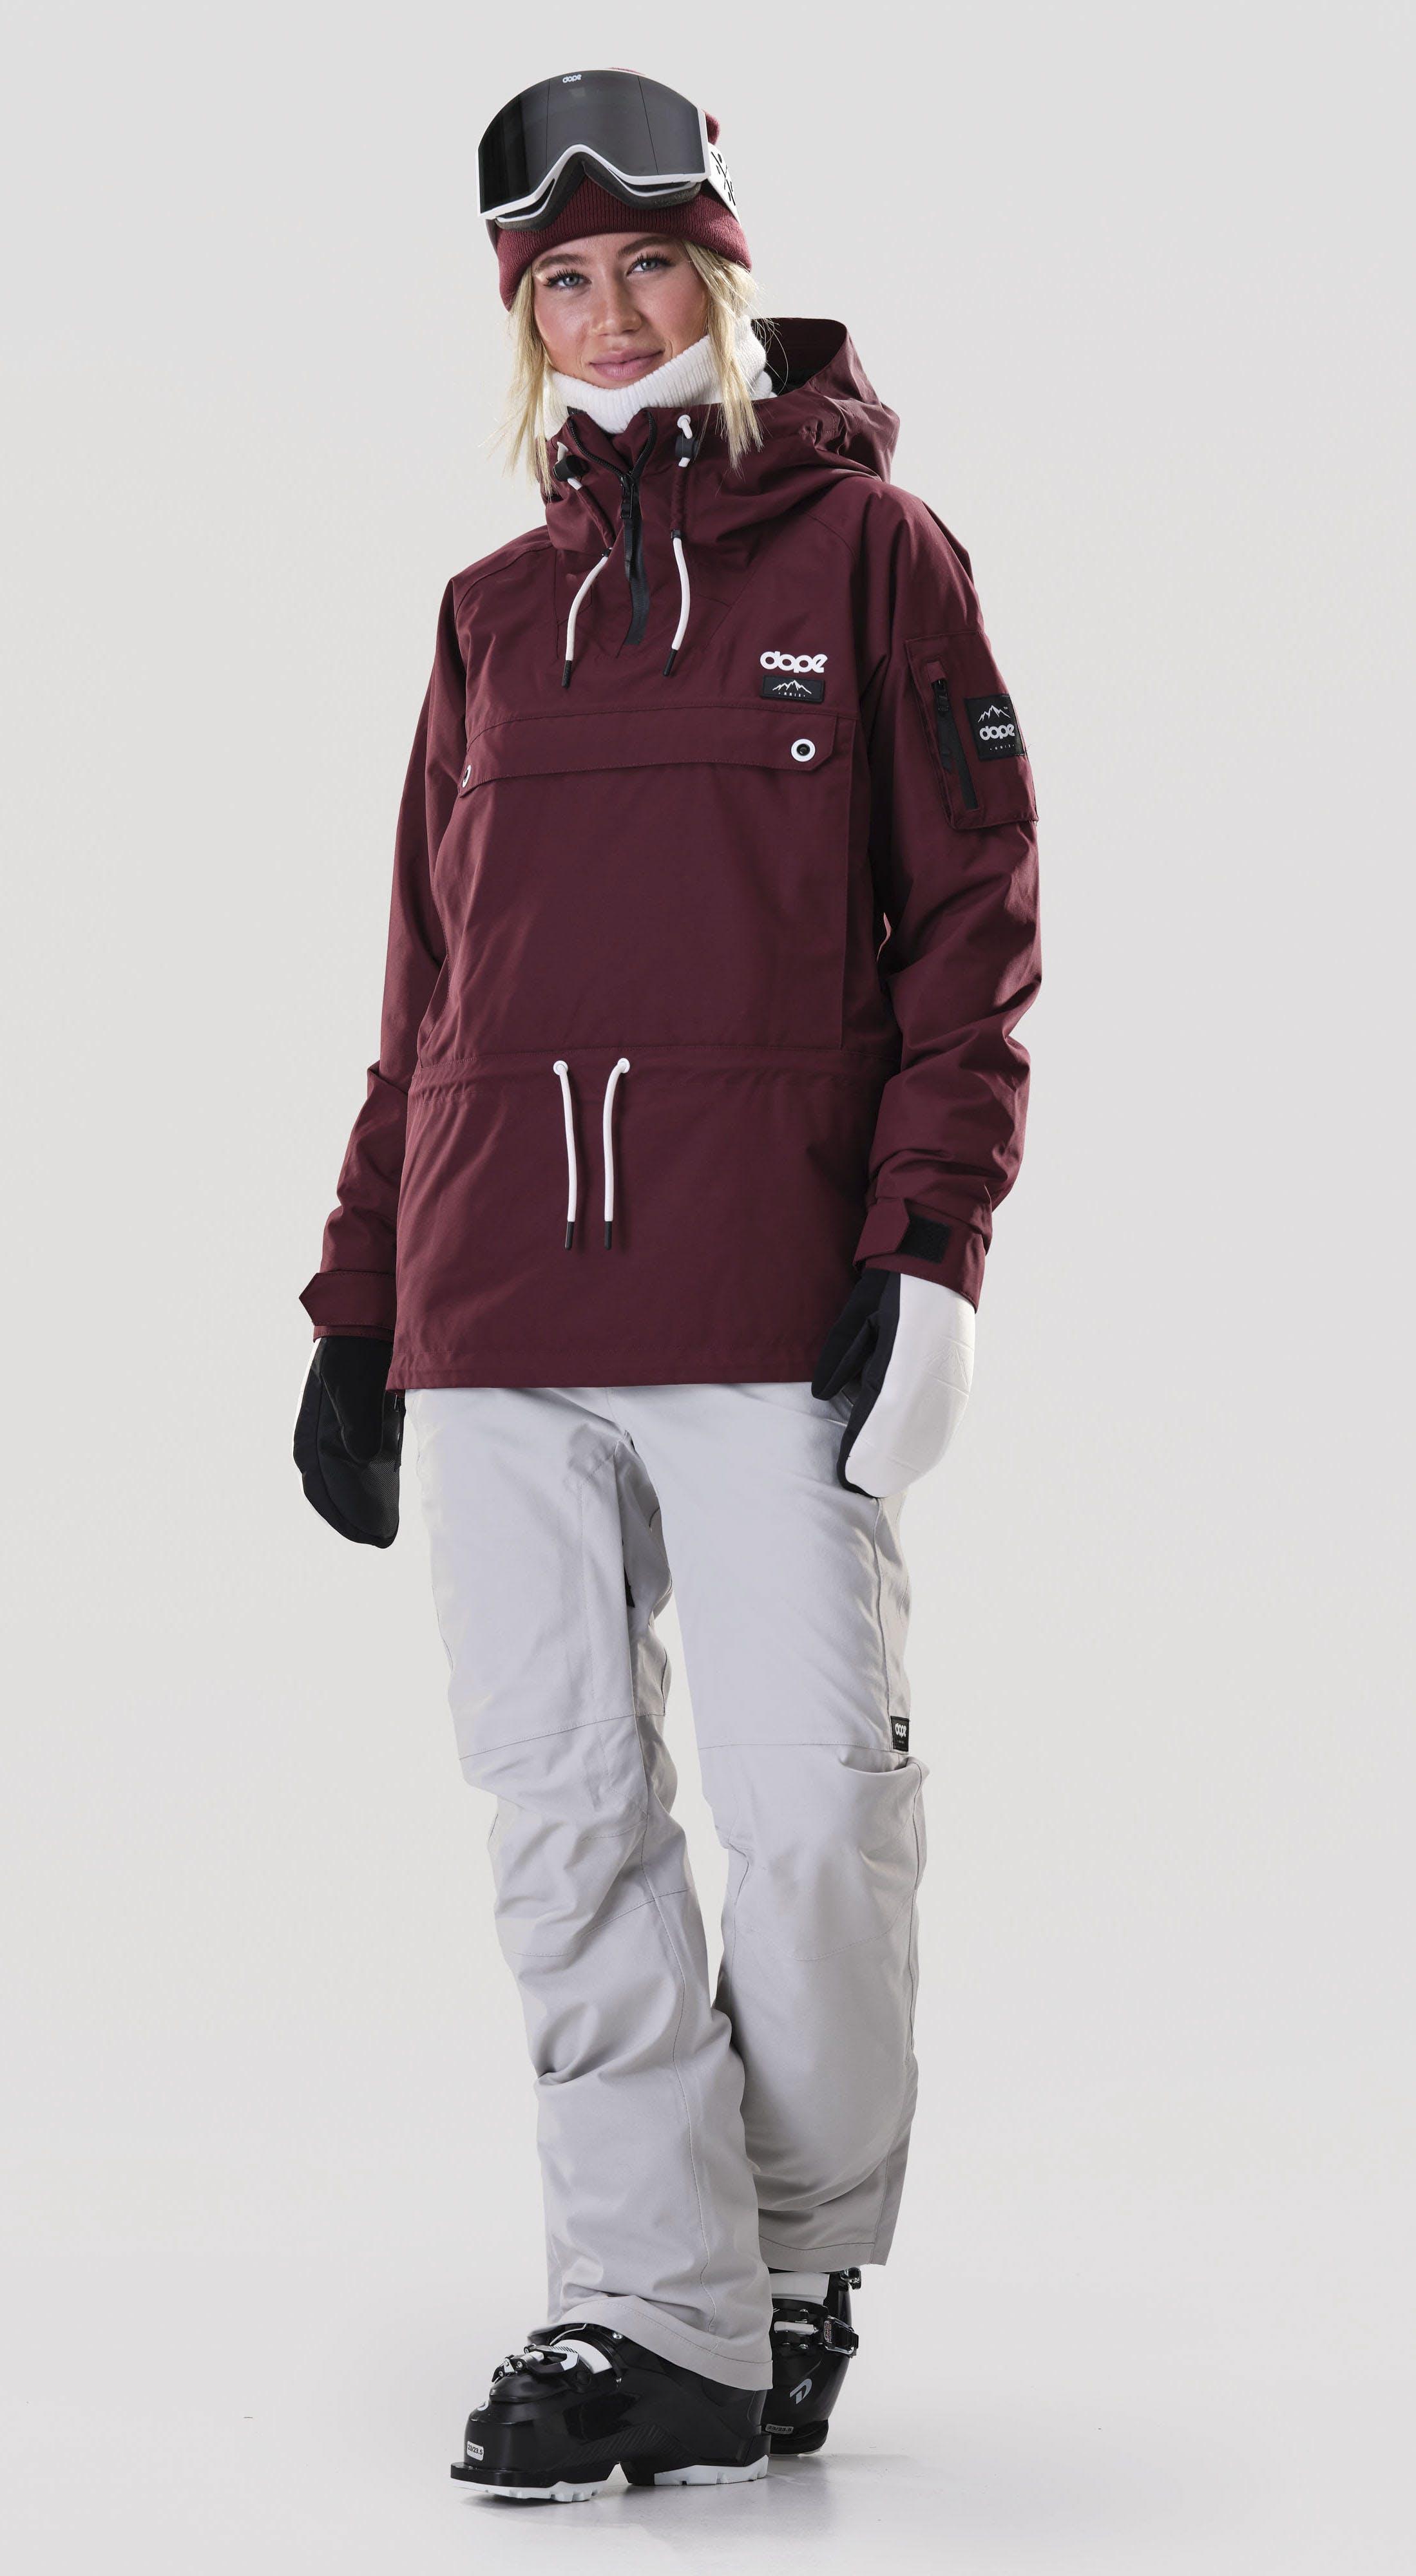 The piste skier